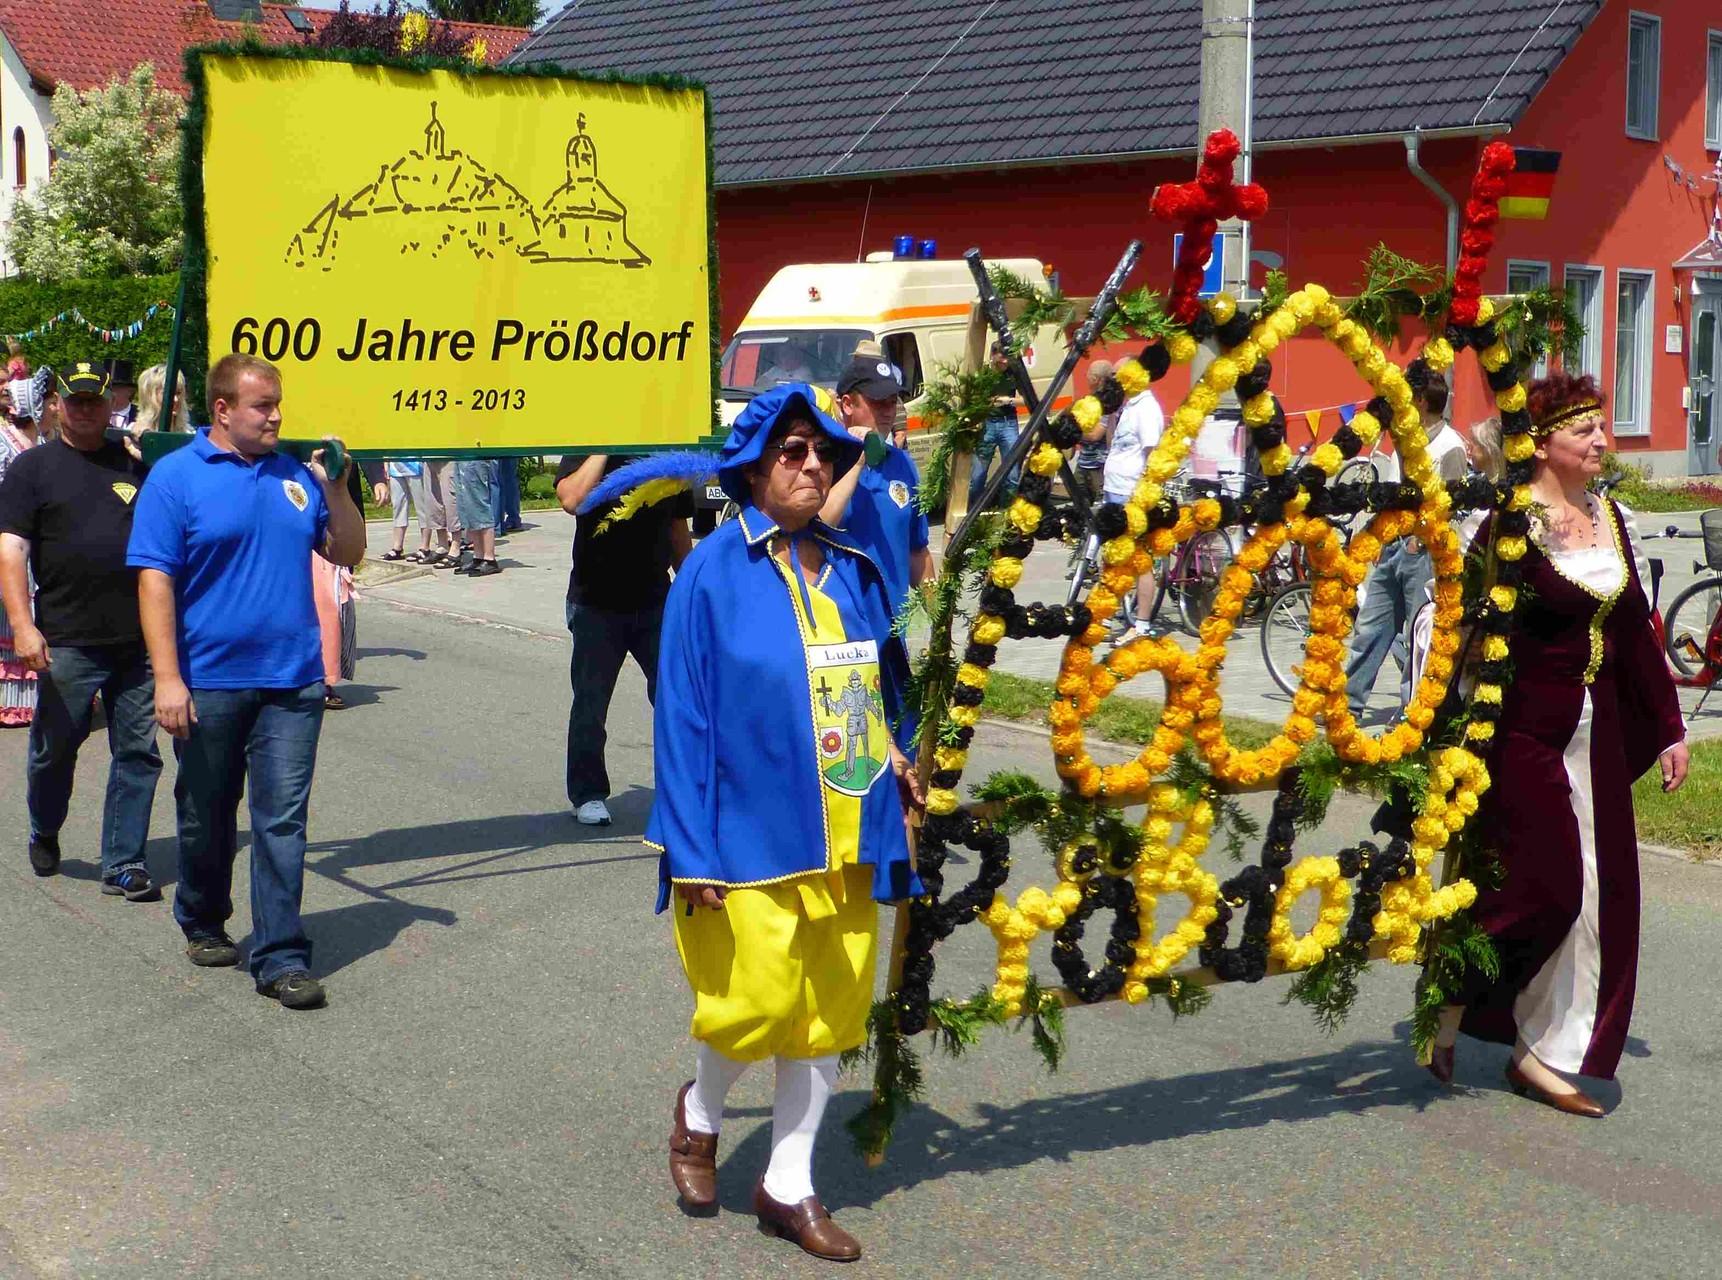 Prößdorf 600 Jahr-Feier 2013; Festumzug 1